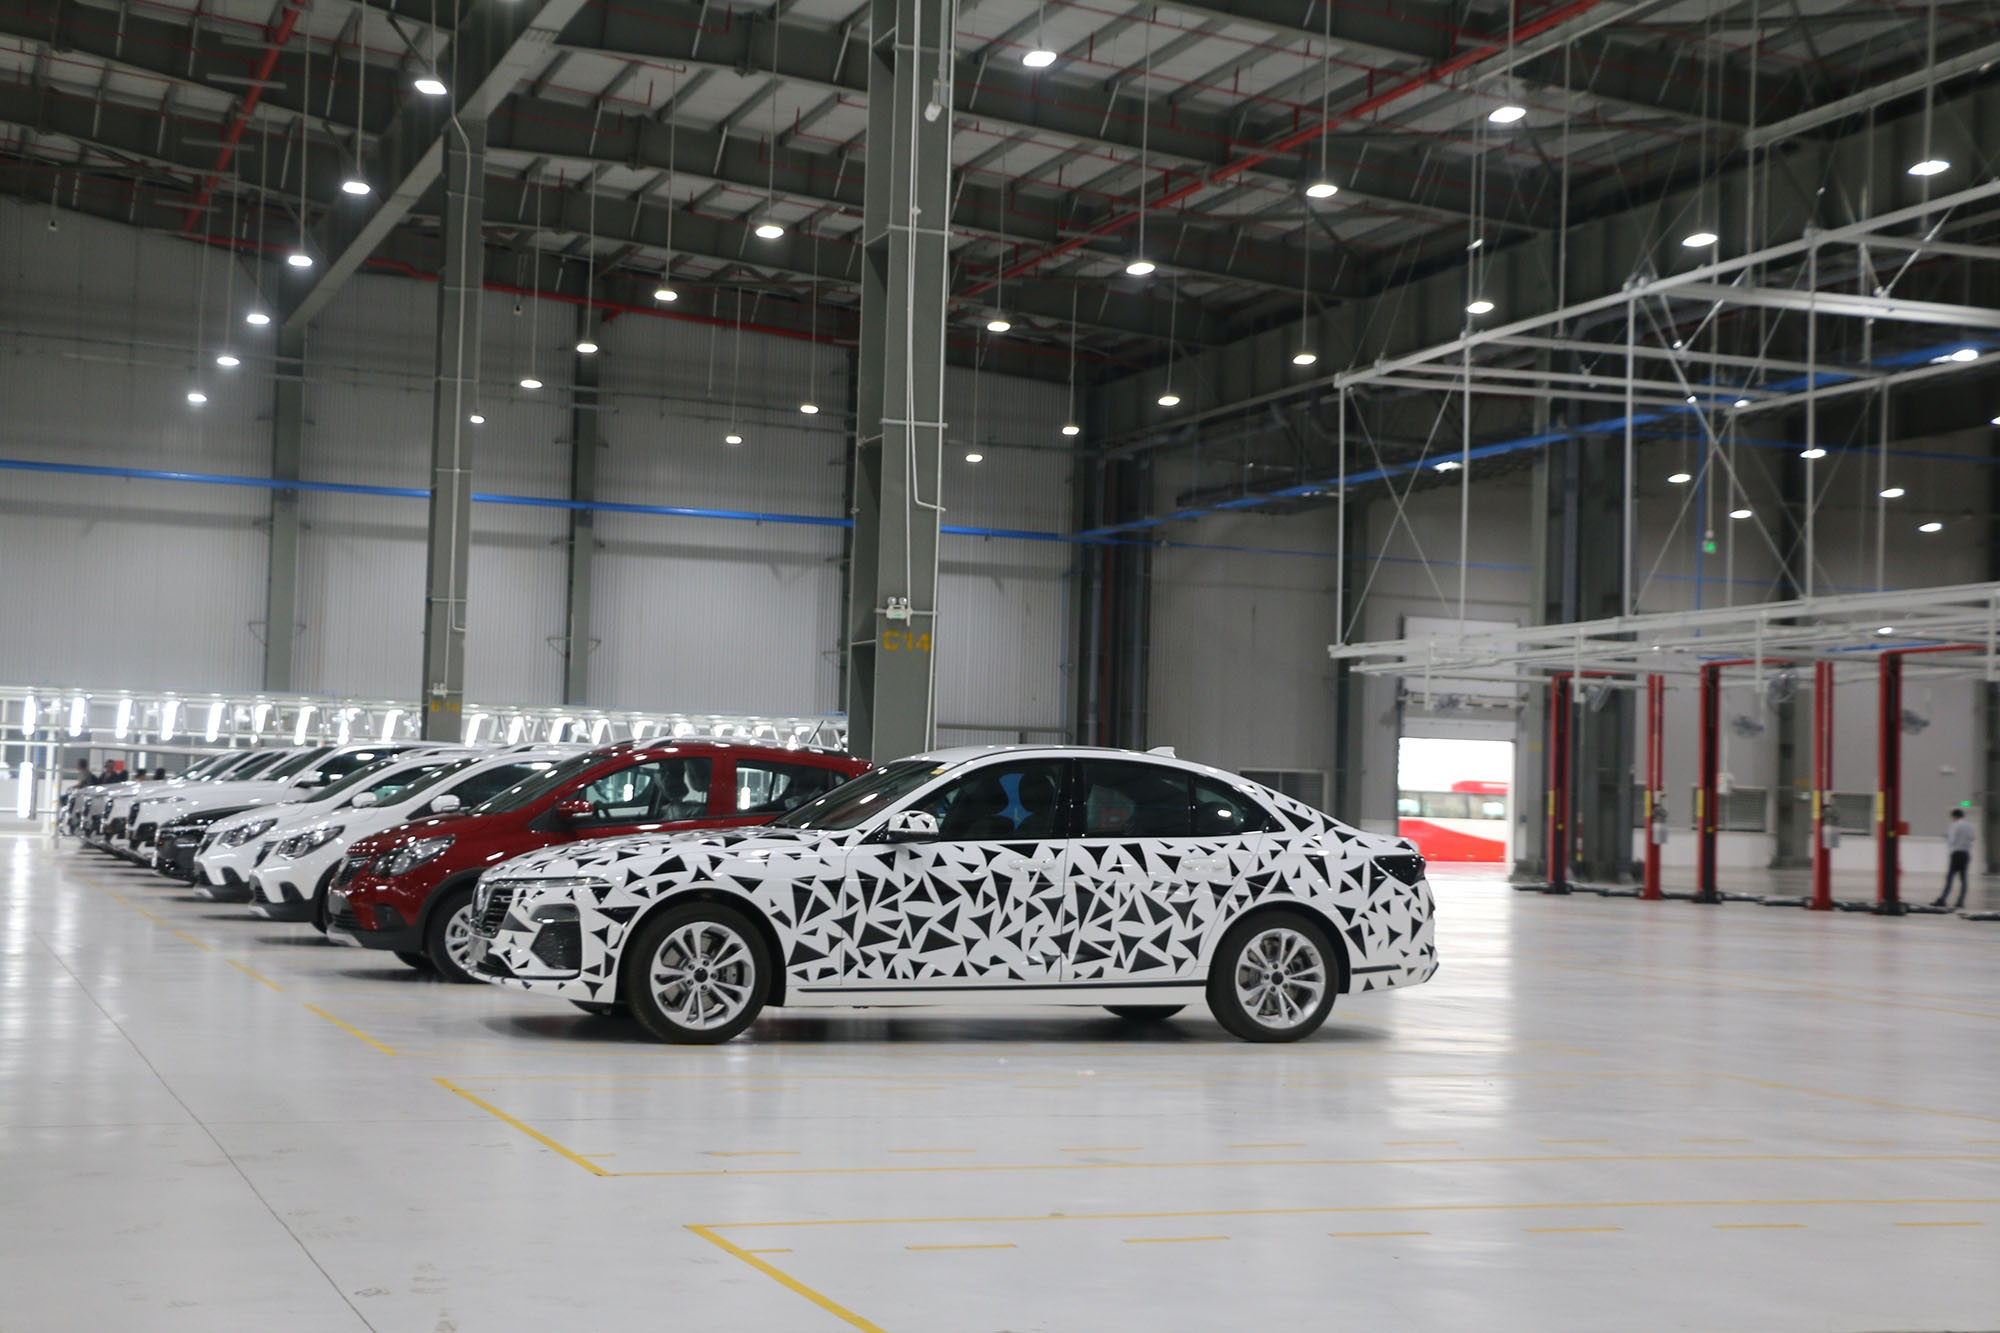 Xem quy trình lắp ráp ôtô VinFast trước ngày đi vào sản xuất thương mại - Ảnh 15.